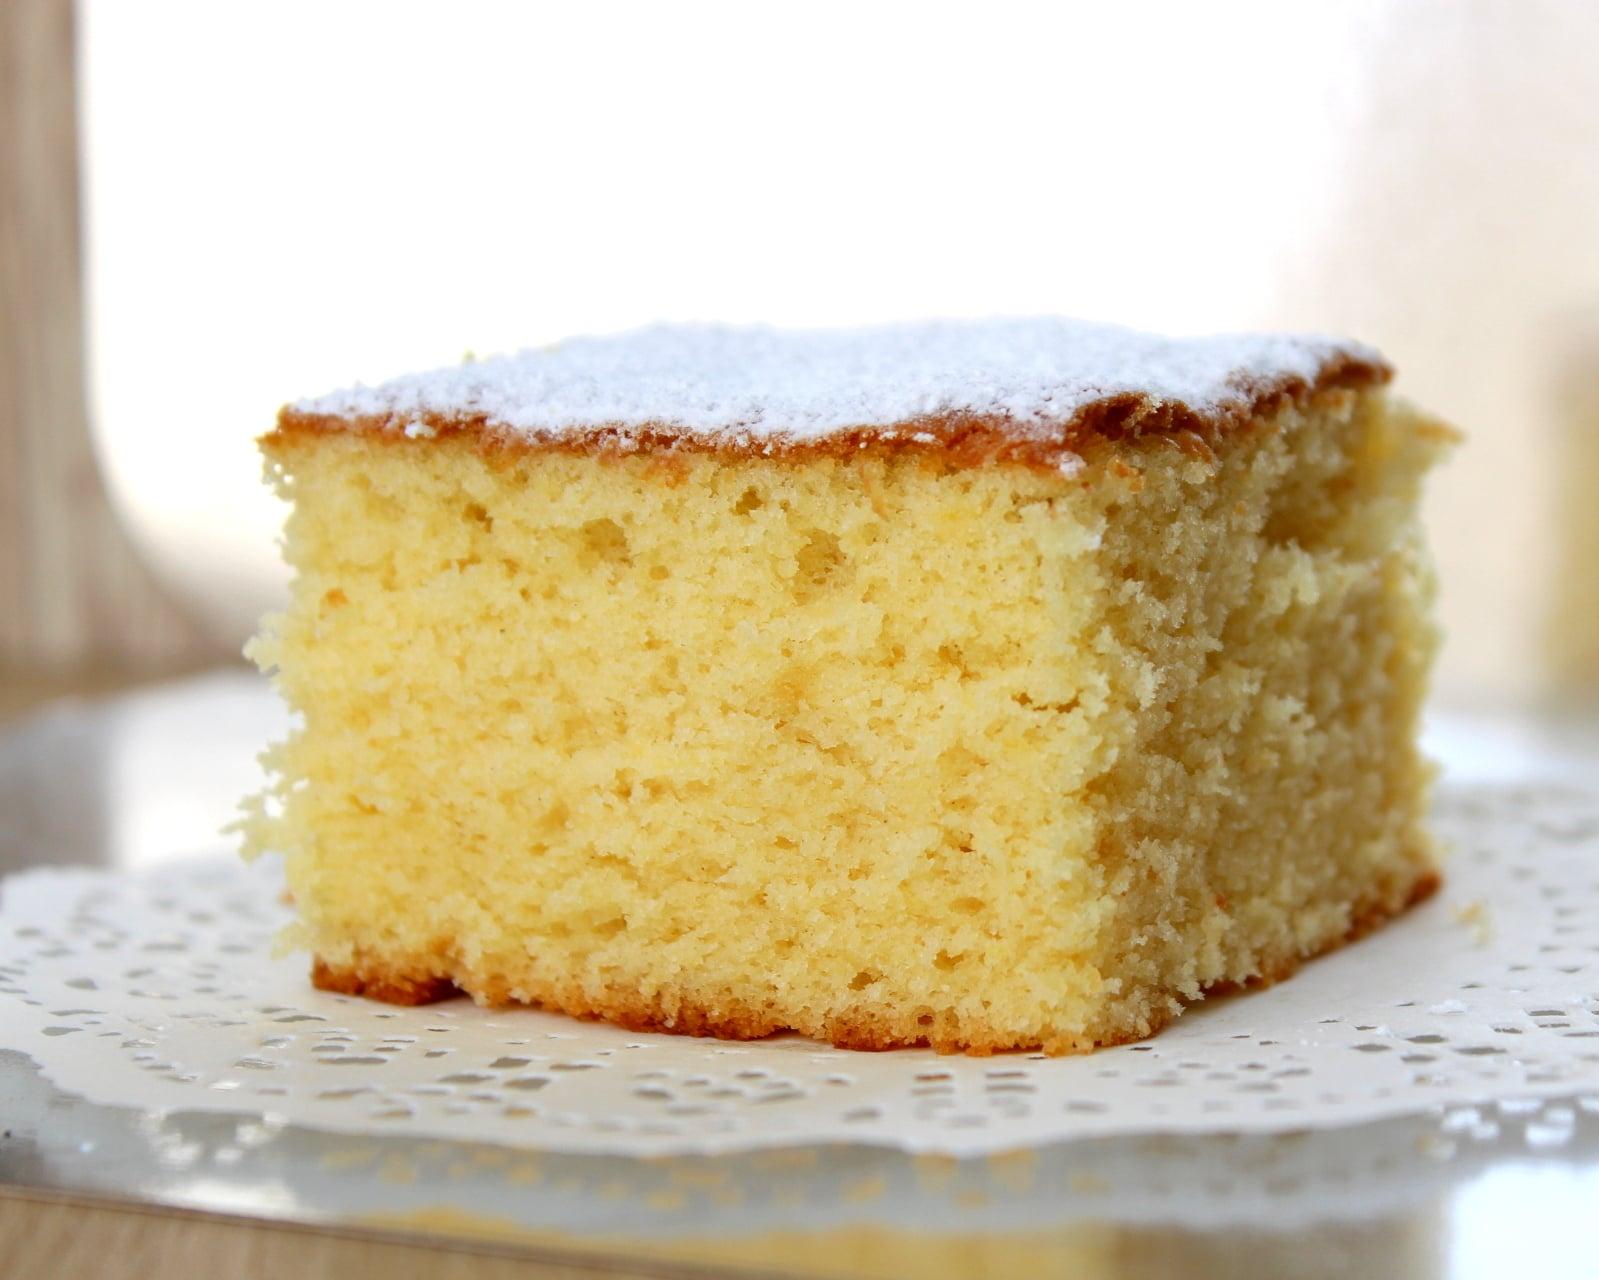 עוגת תפוזים ריחנית, ספוגית, רכה ואוורירית ולא הפרדת ביצים_מתכון של הילה סמוכה רשתי